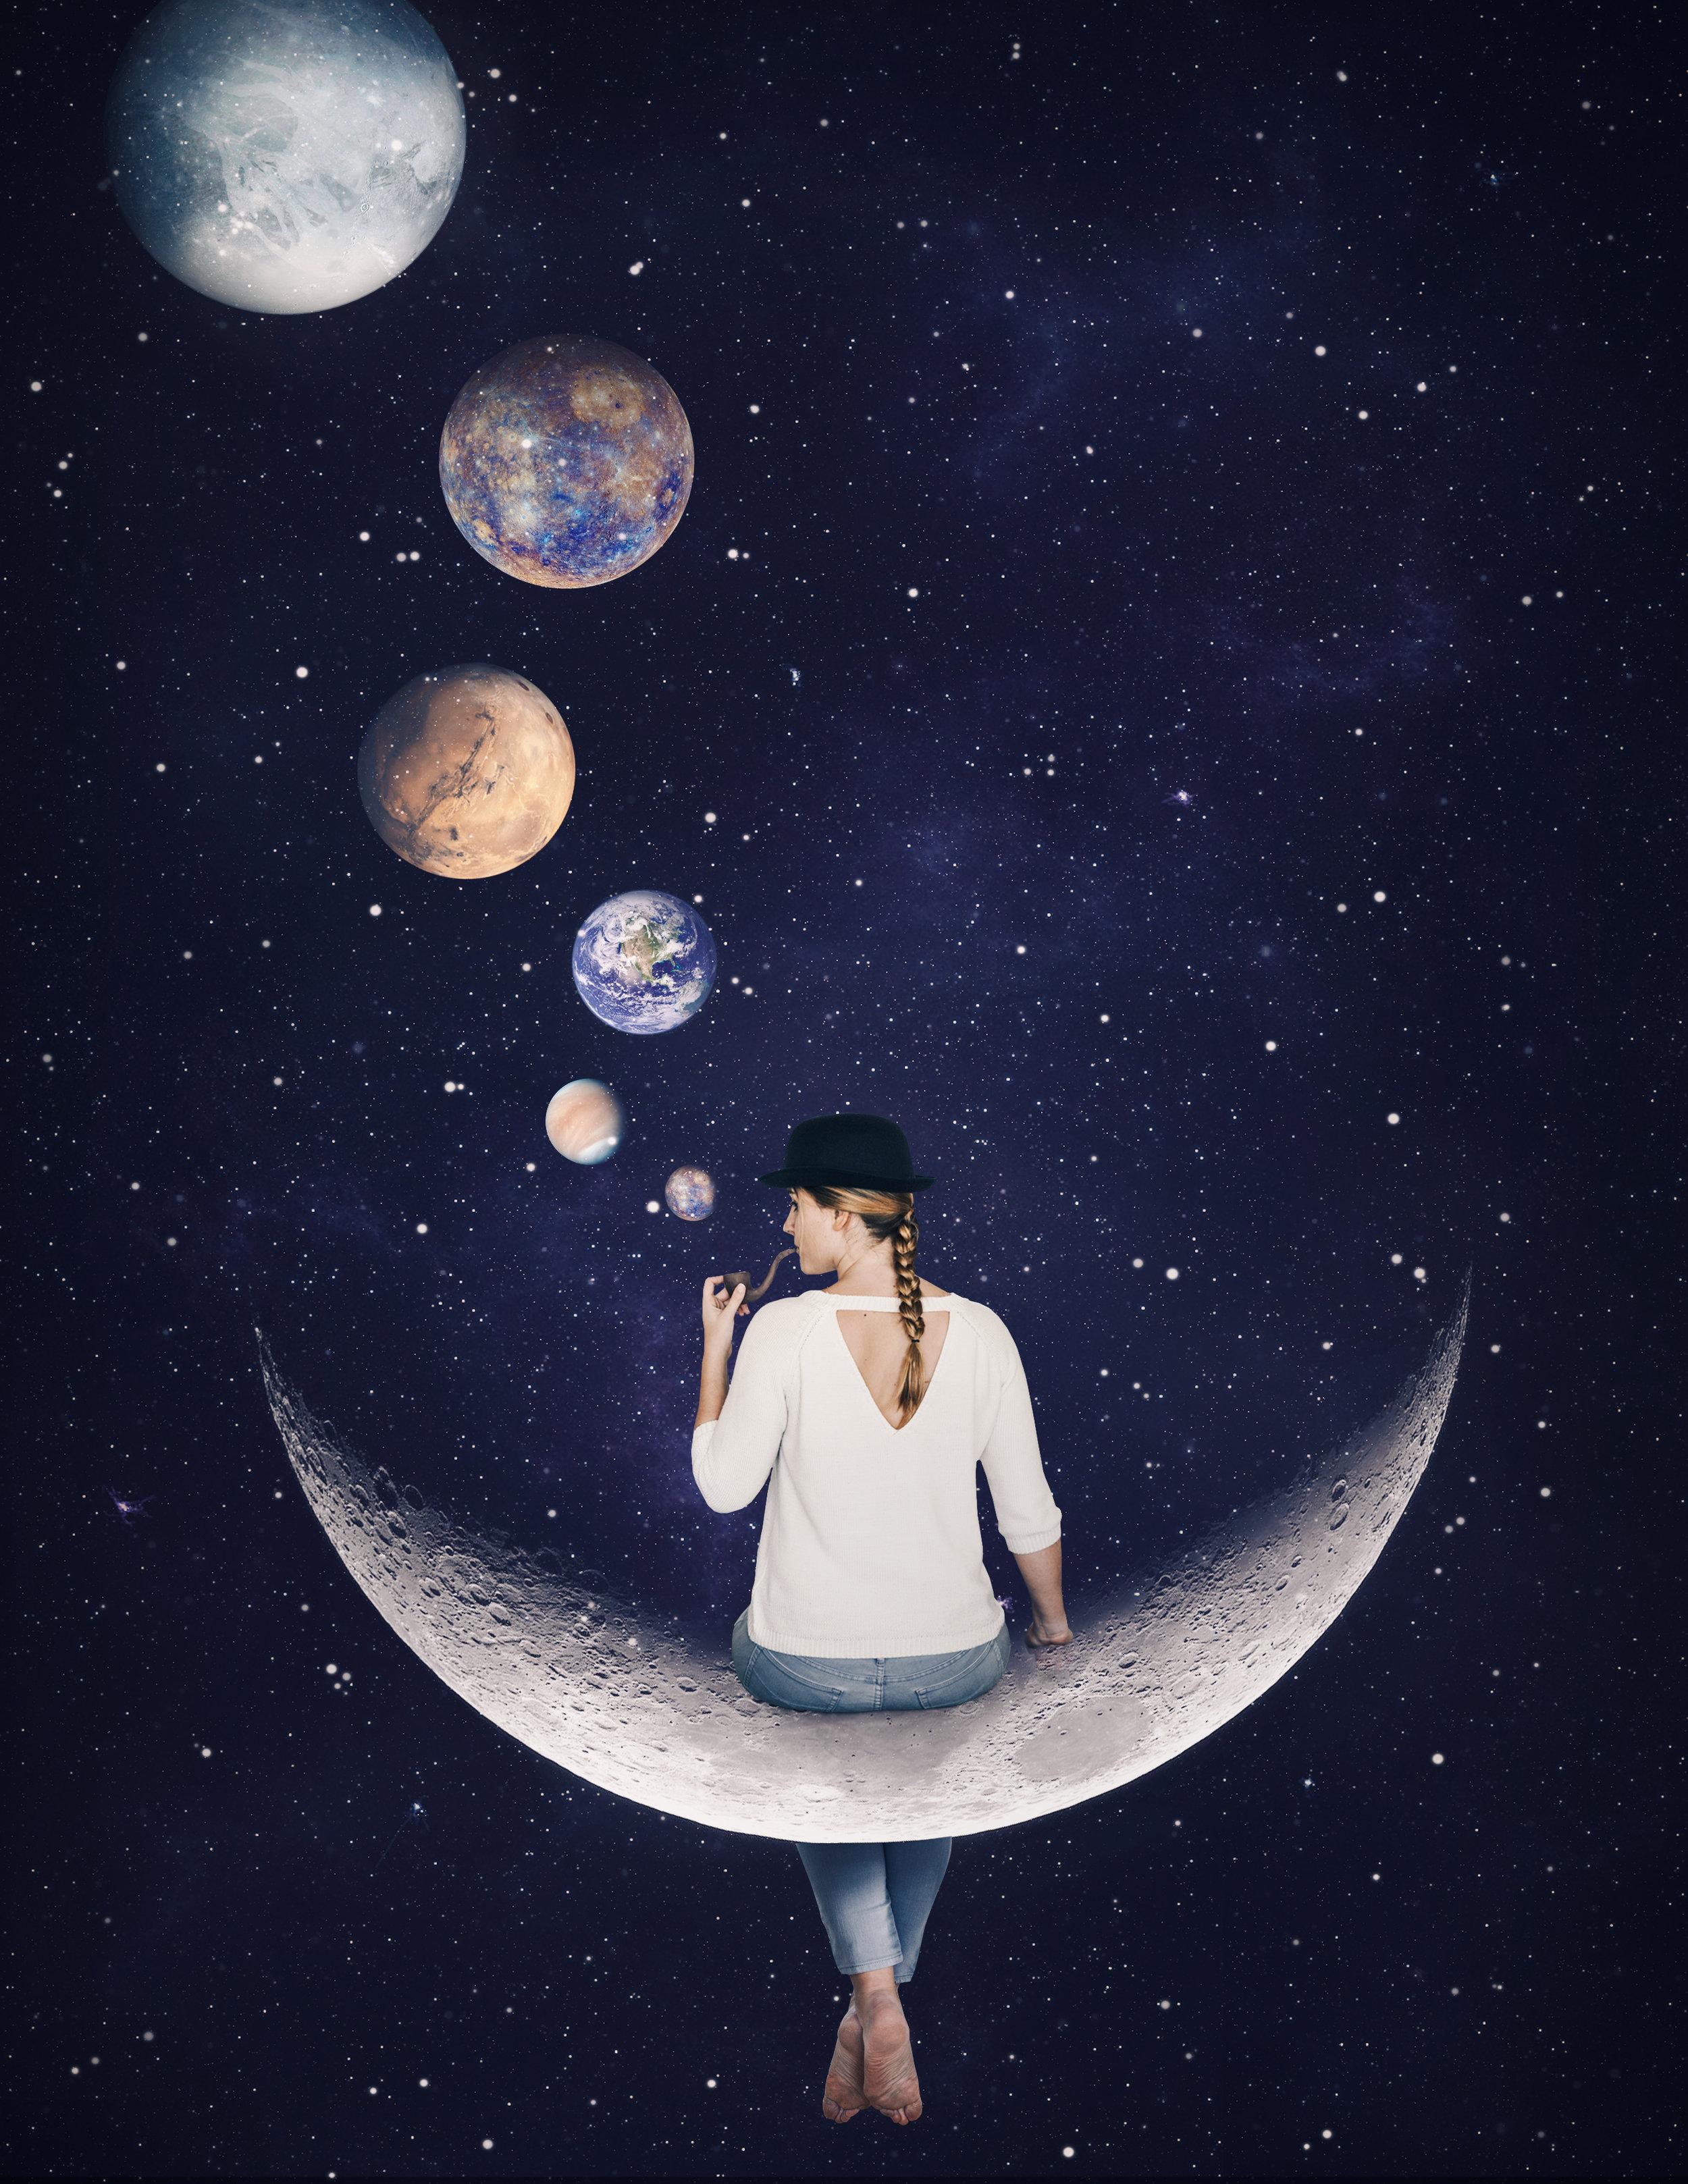 Interstellar_Me.jpg